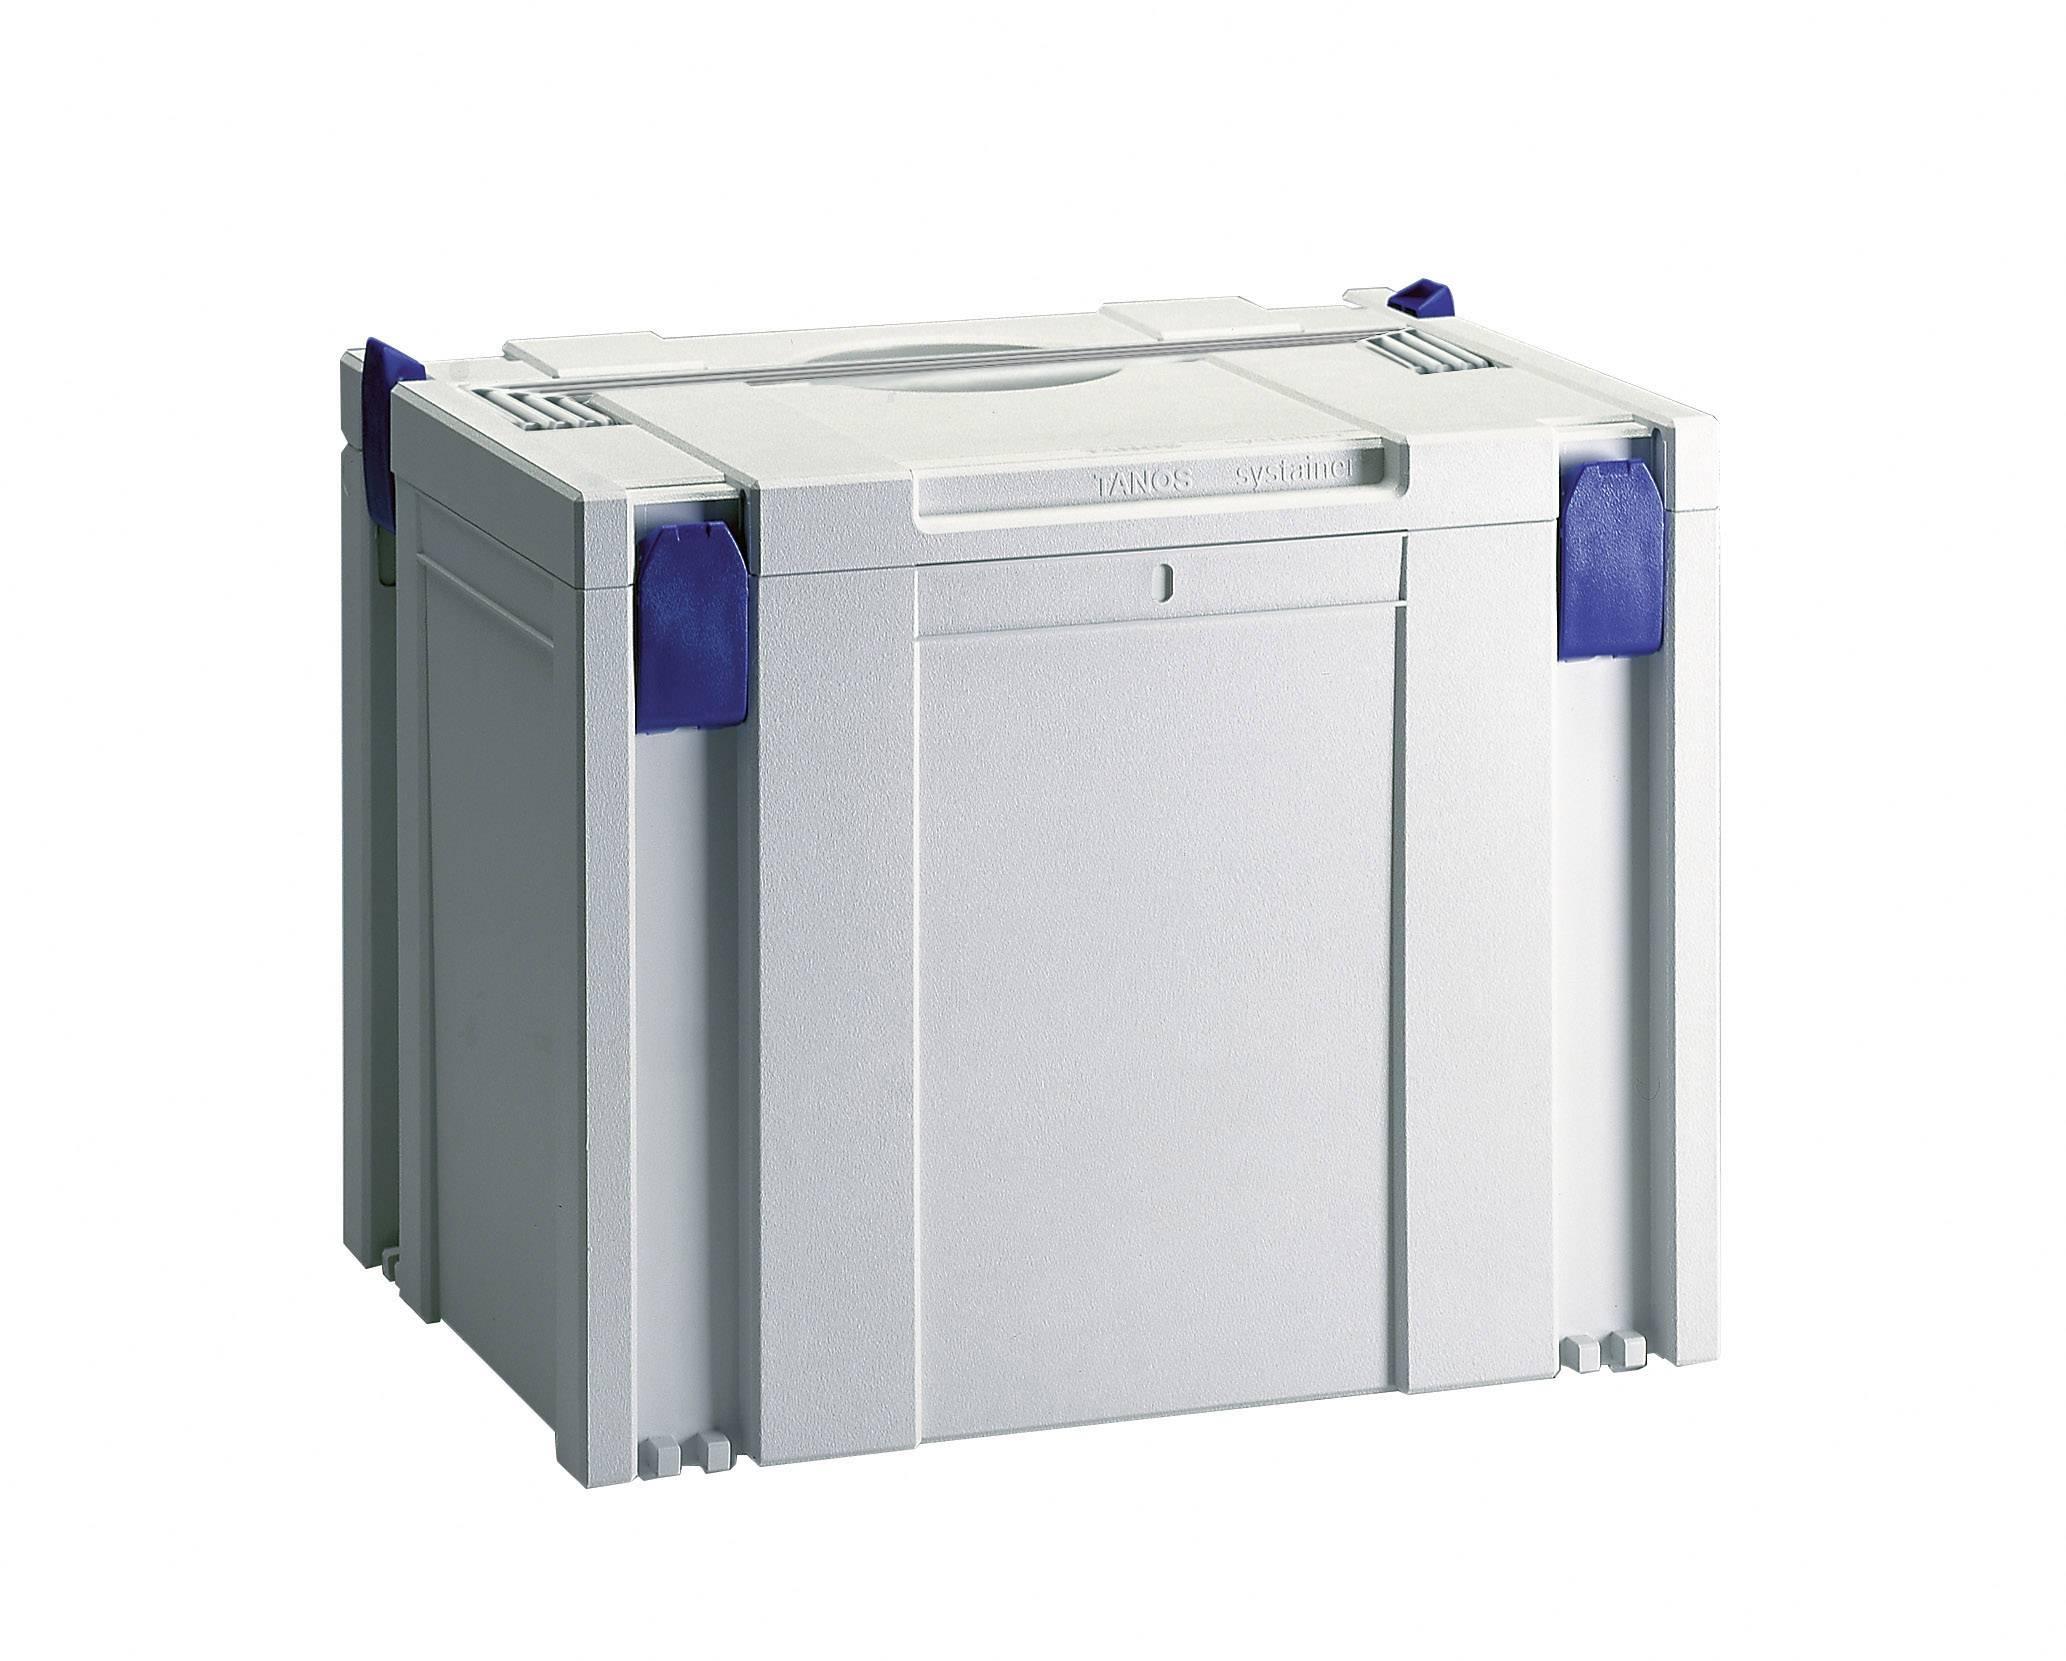 Transportní kufr Tanos systainer® IV 80000010, (d x š x v) 300 x 400 x 315 mm